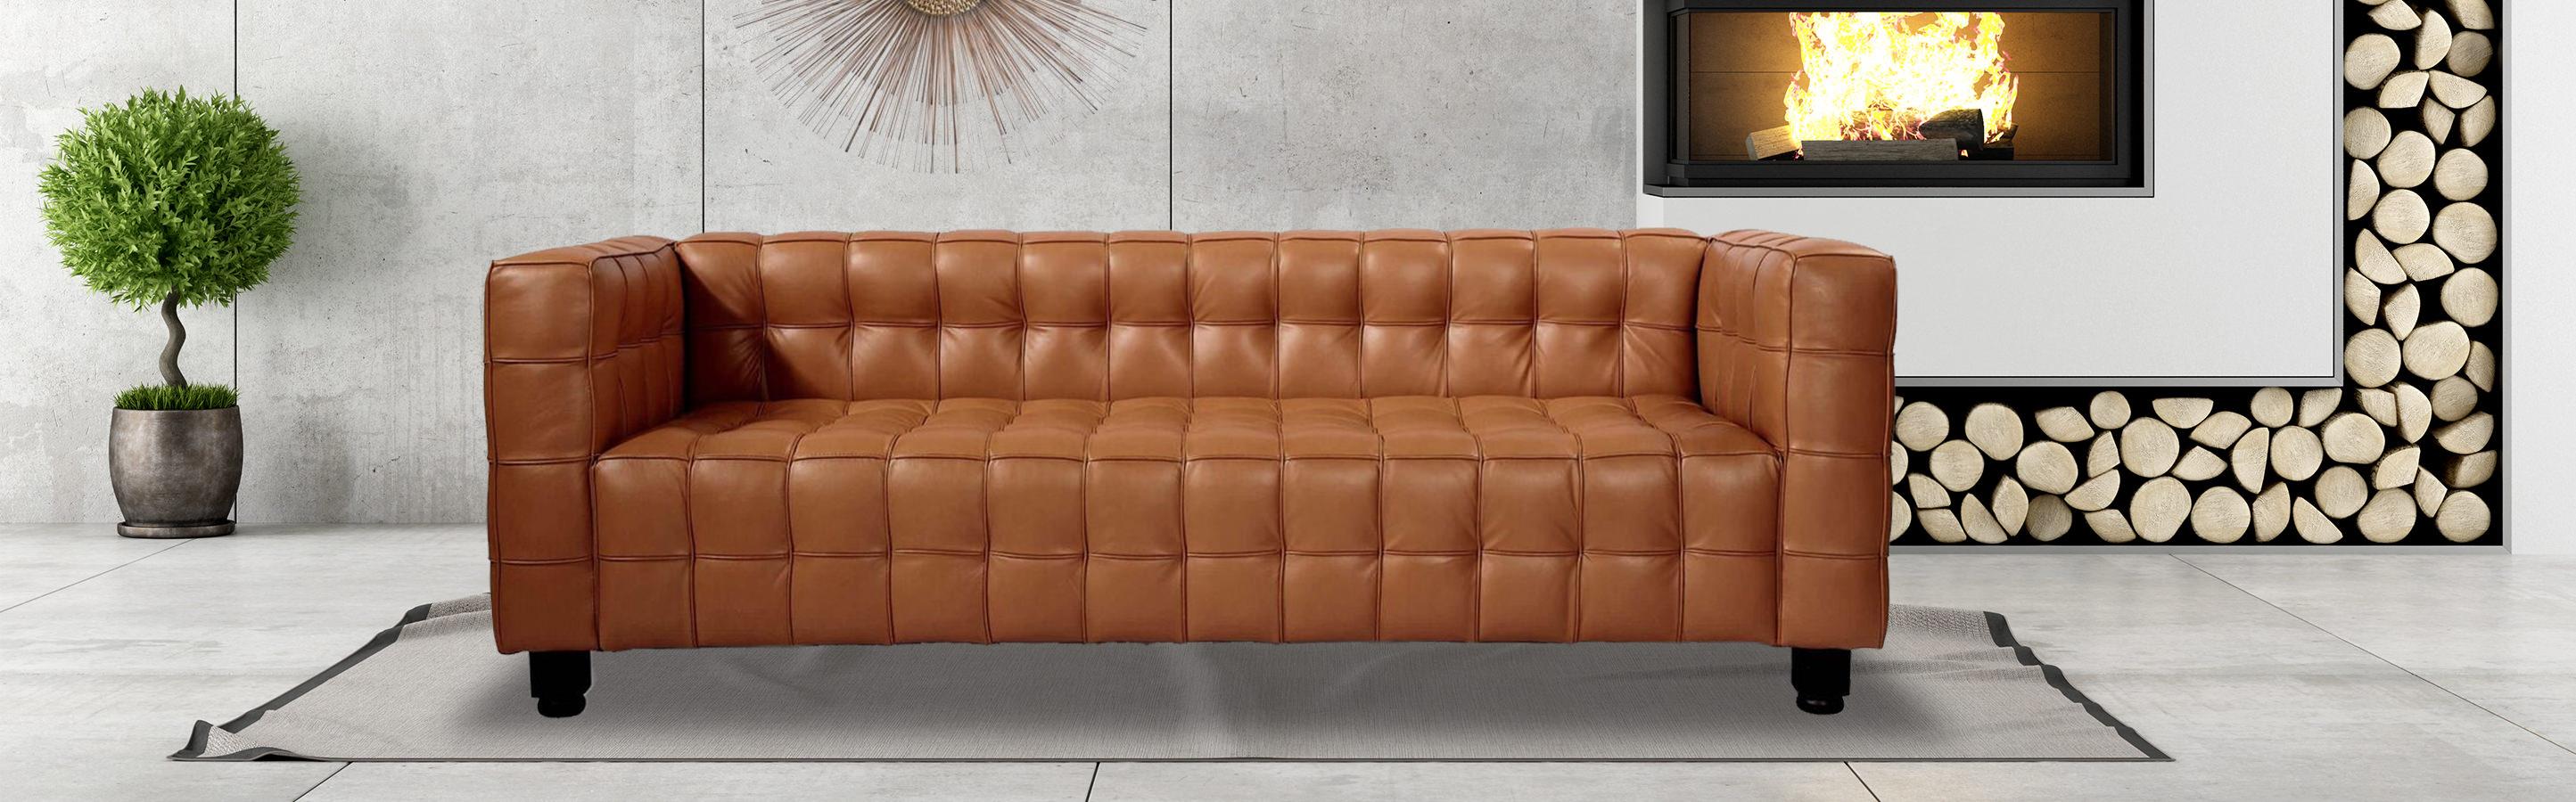 Kubus Mid Century Modern Sofa